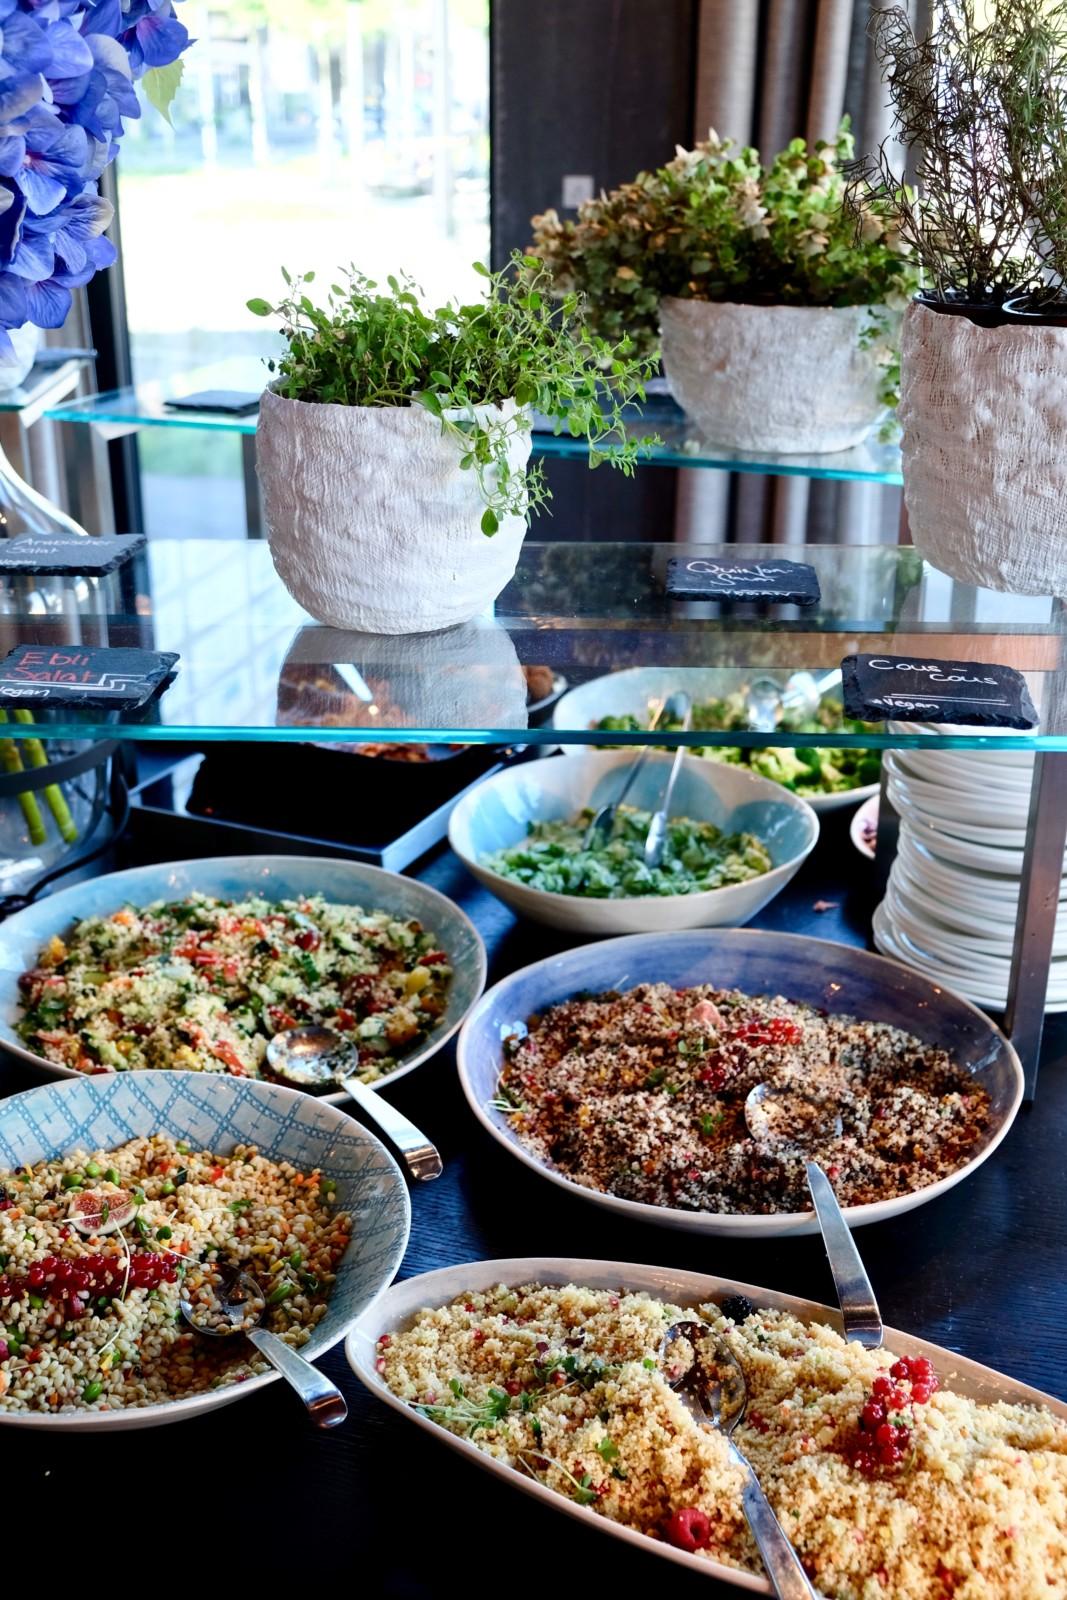 Hier ist der Name Programm: Ein Bruchteil des leckeren und farbenfrohen Vegi-Buffets im Restaurant BUNT.